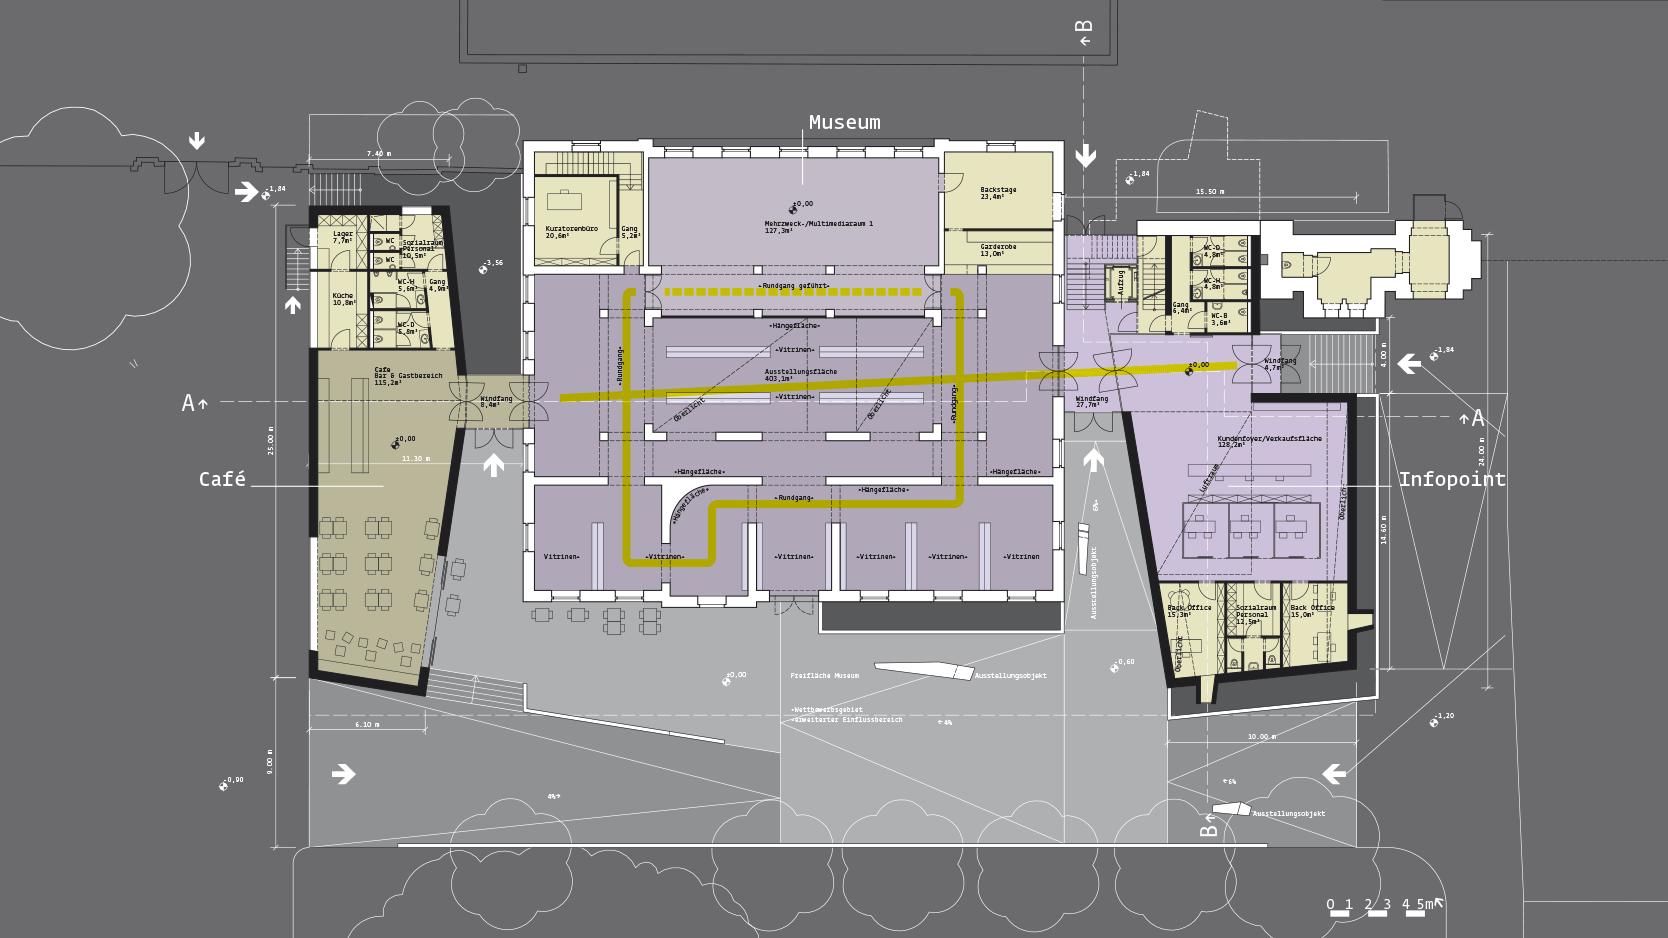 Zentralfriedhof: Plan +-0